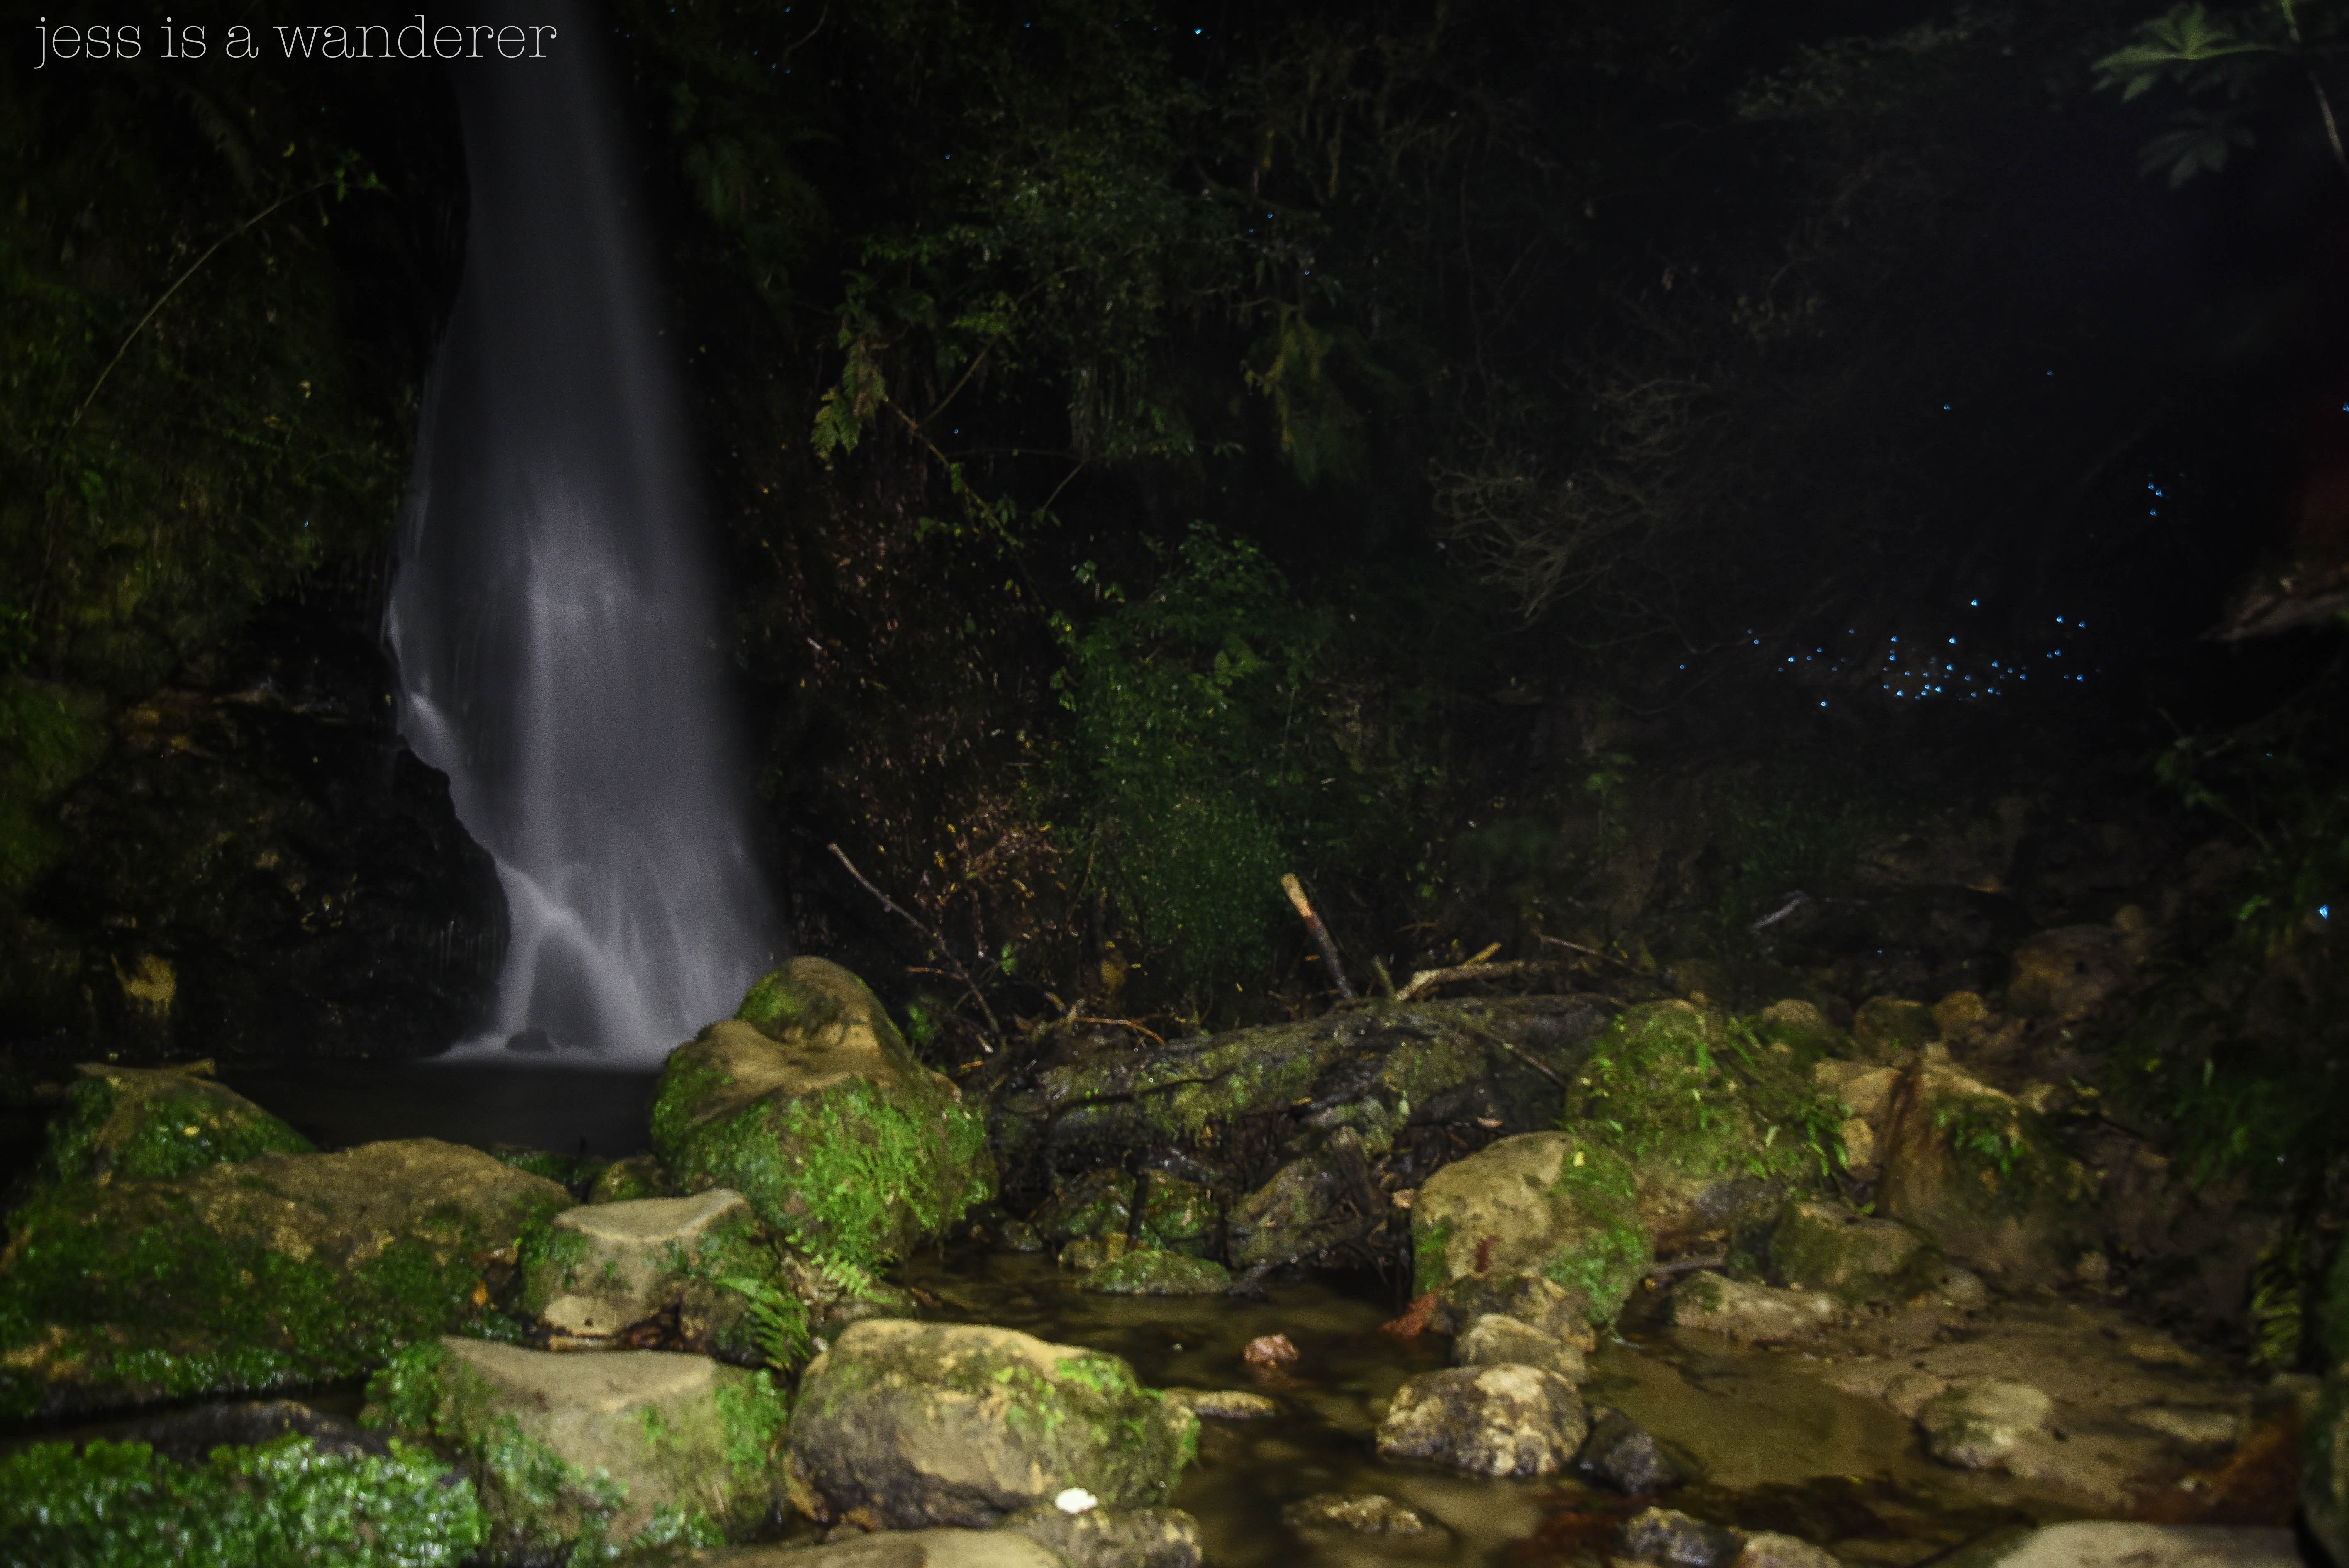 McLaren Falls at Night